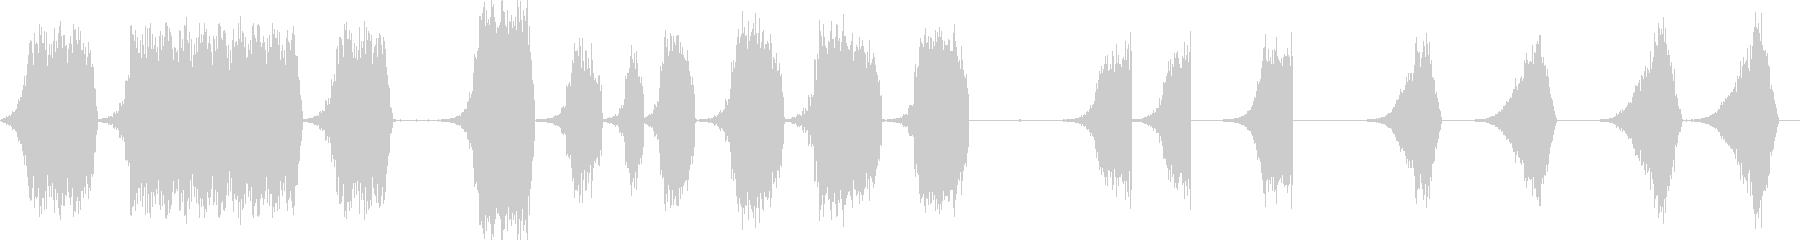 シンセの後方上昇の未再生の波形